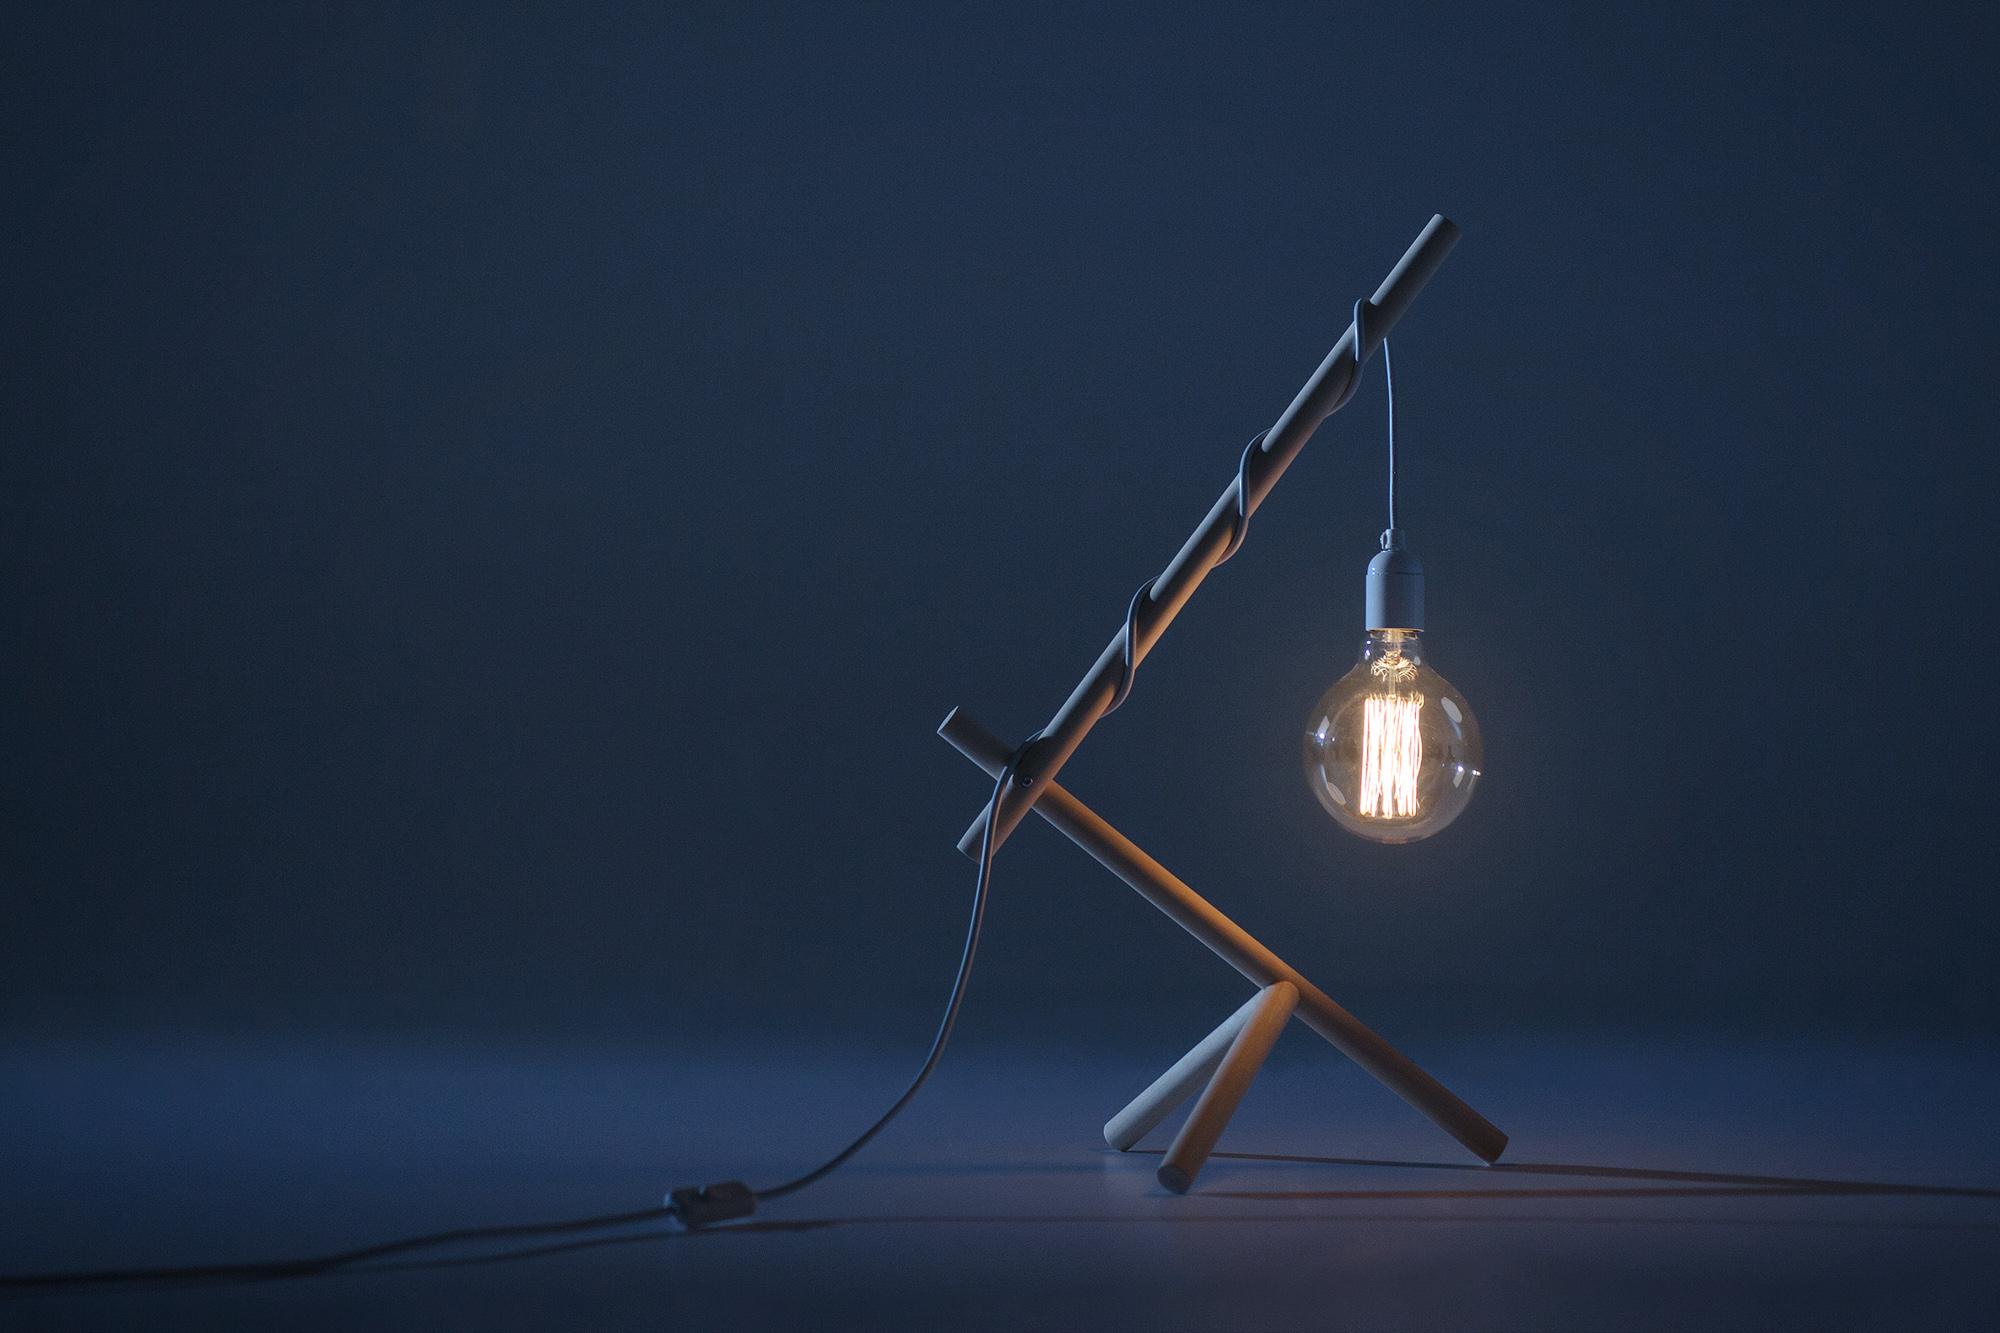 johannes-kaarakainen_aves-lamp